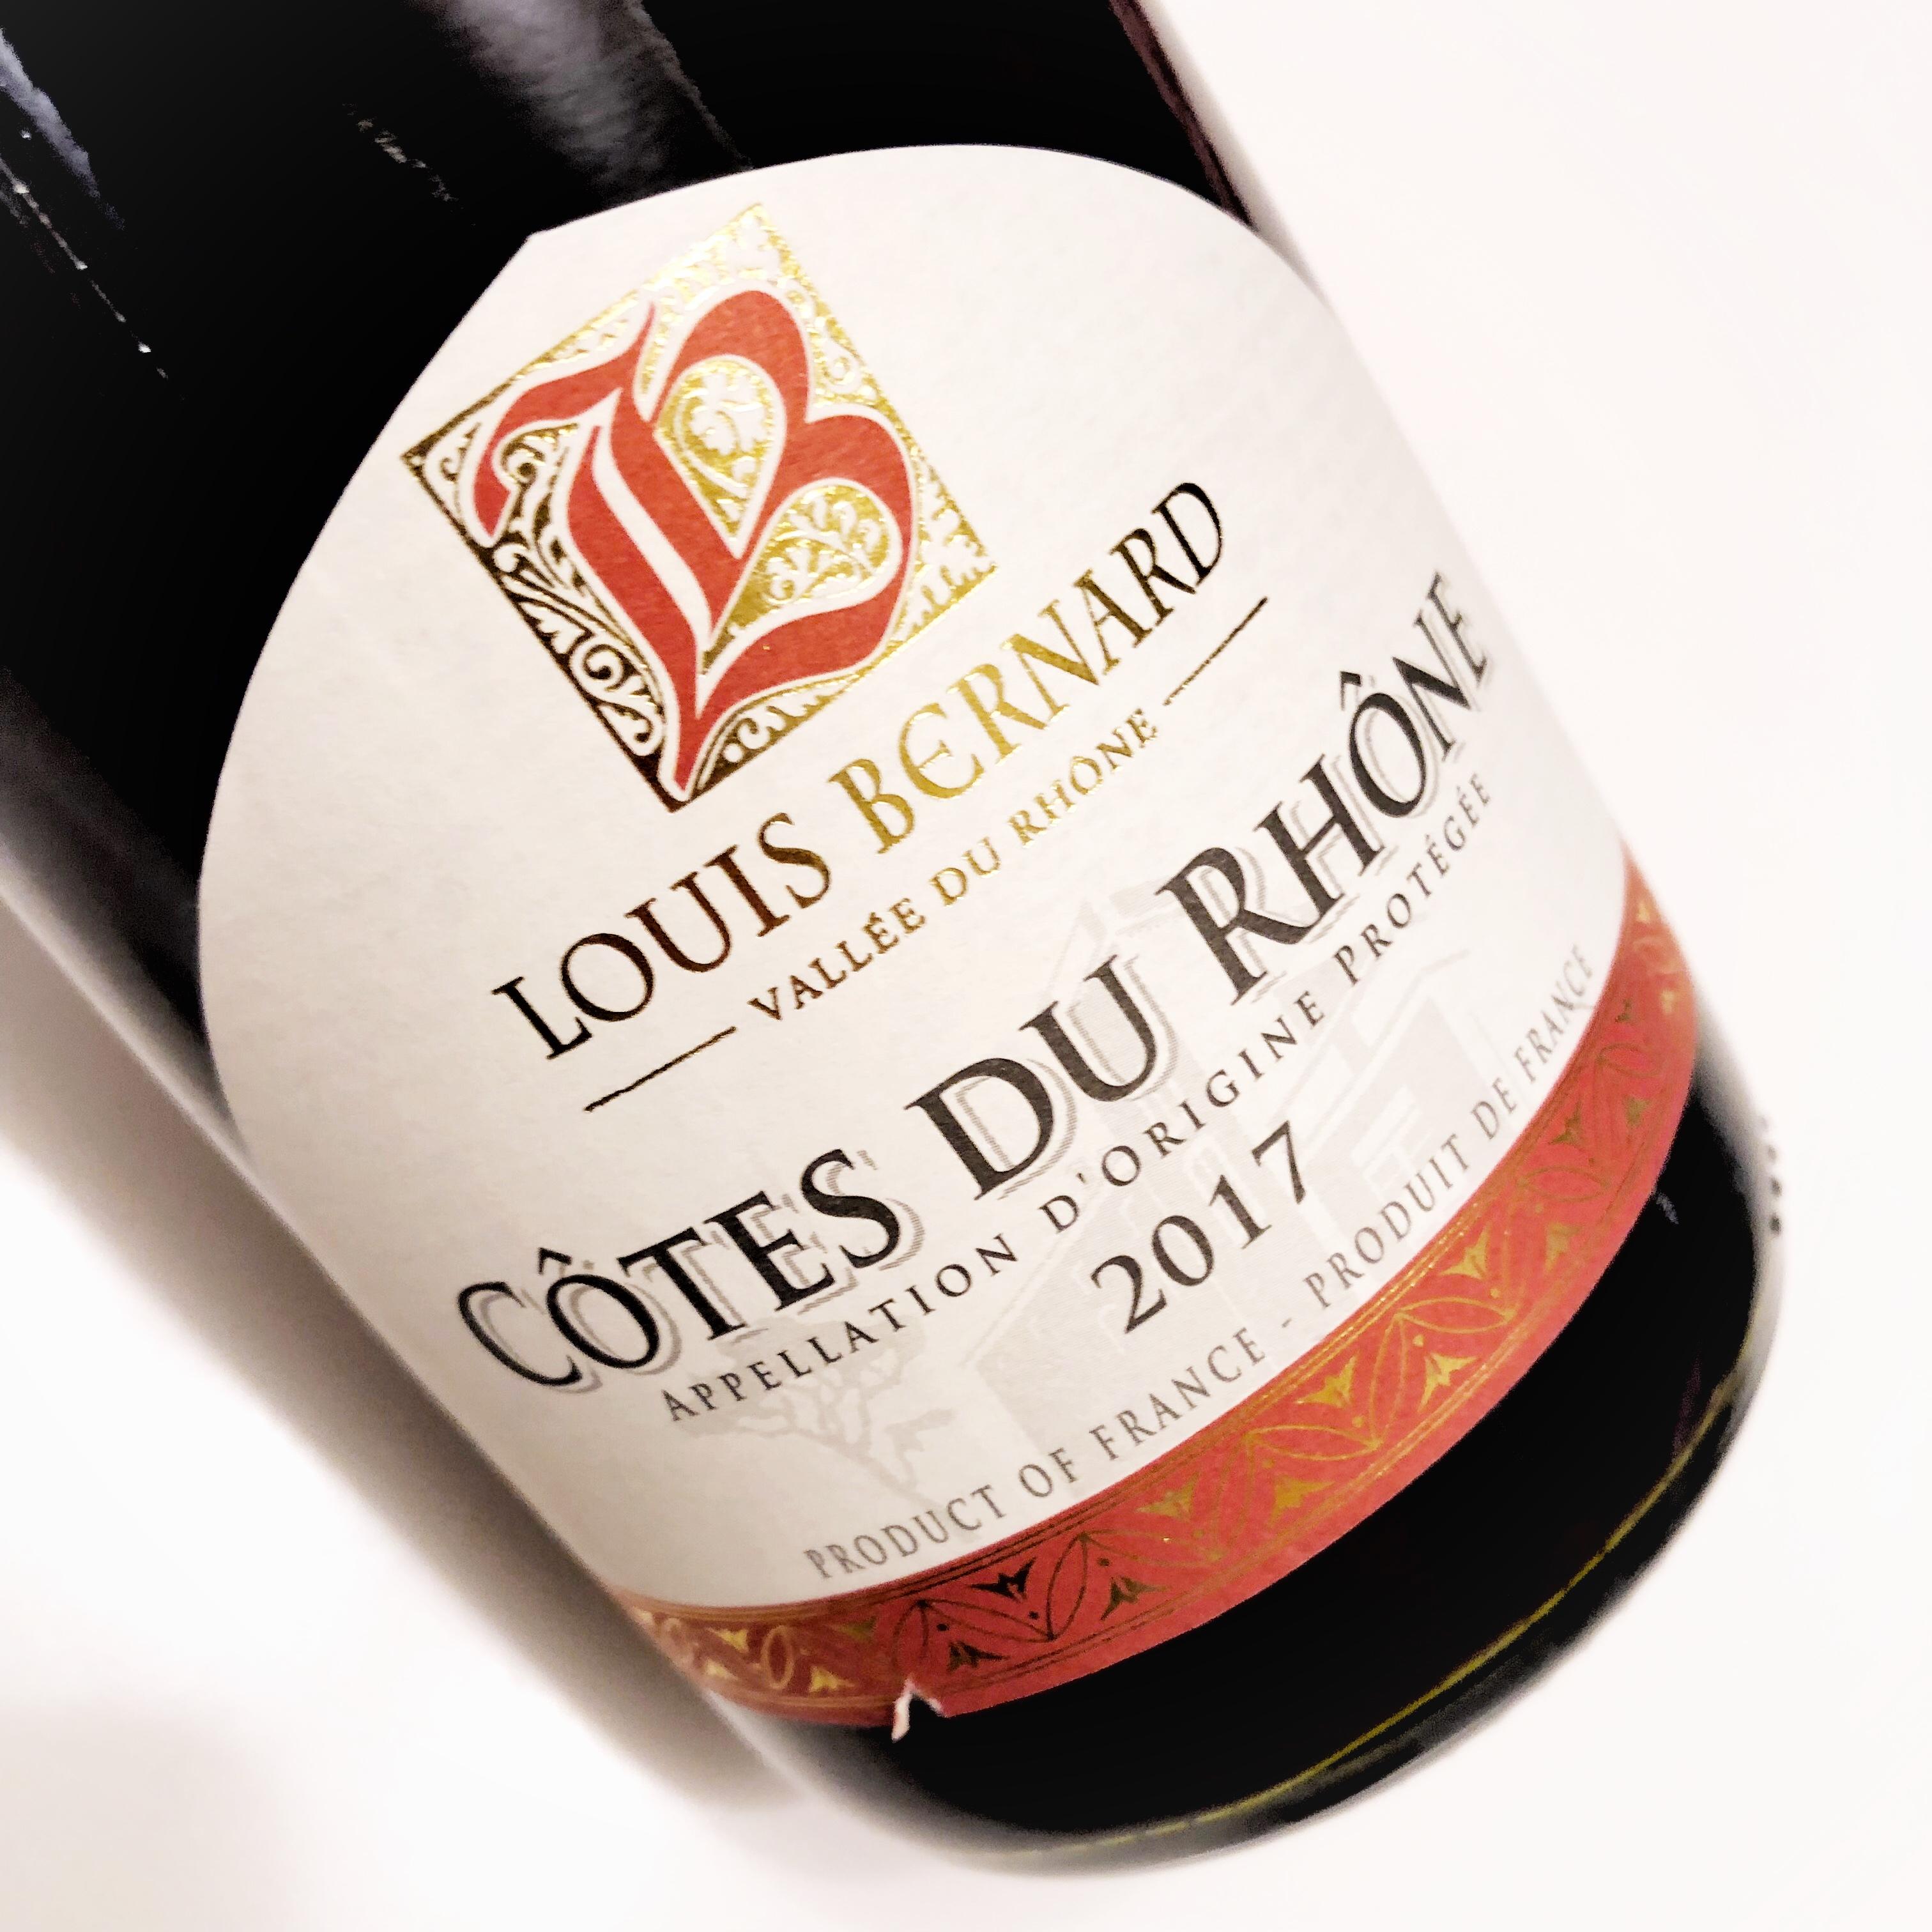 Louis Bernard Cotes du Rhone - Valentine's Day wine